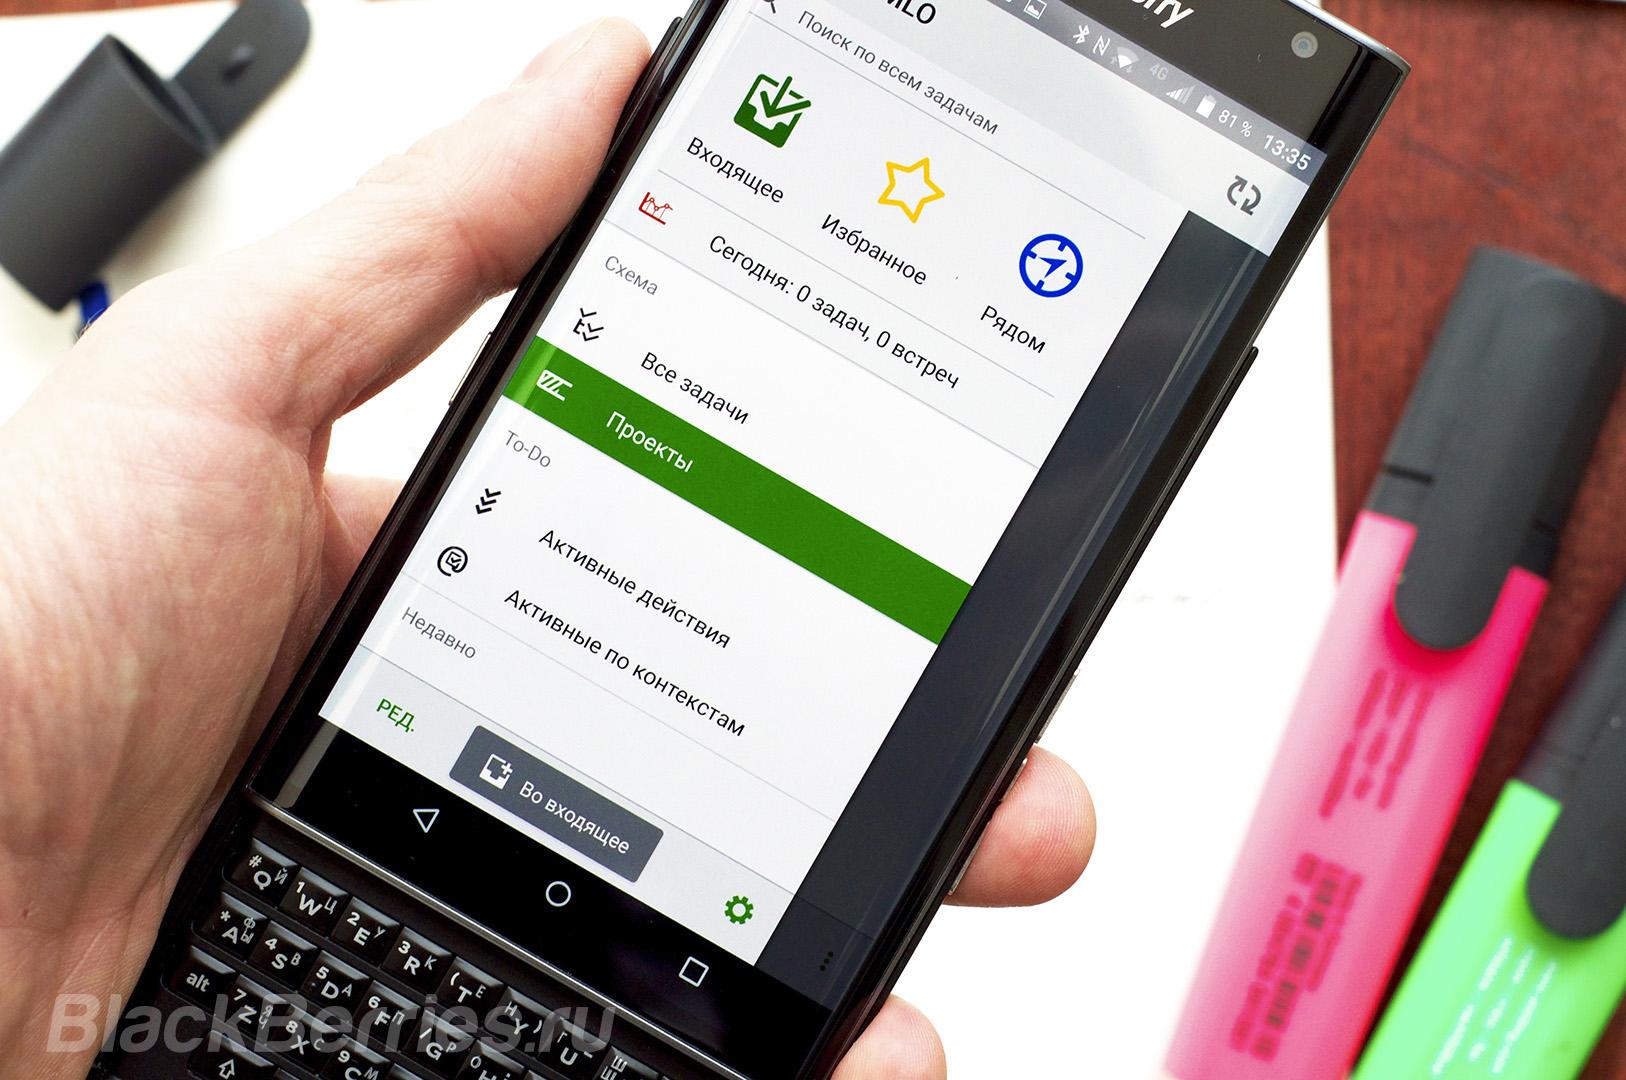 BlackBerry-Apps-20-02-15